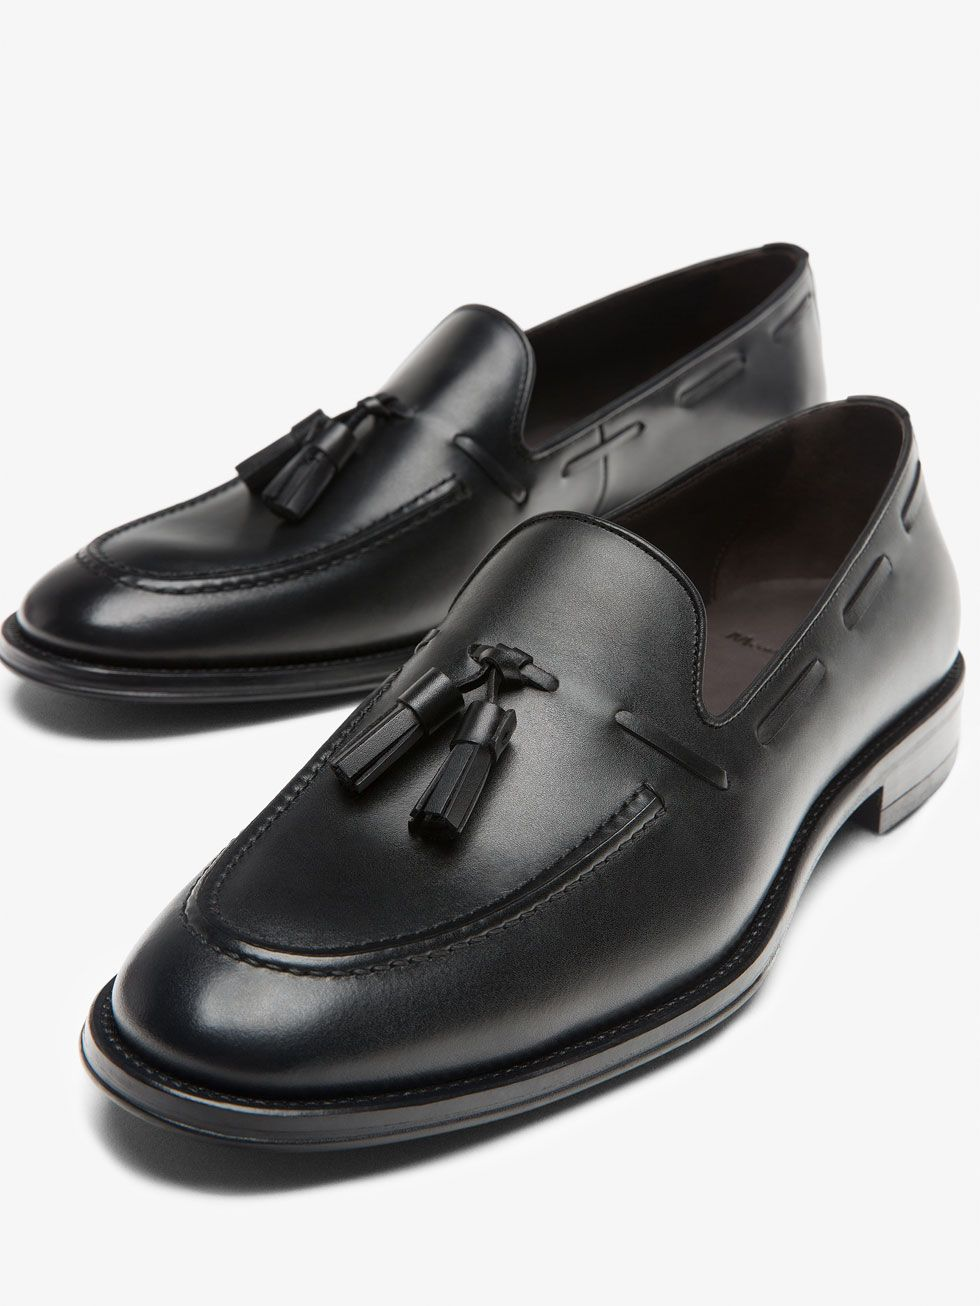 08a9dd0effd13 Zapatos - HOMBRE - Massimo Dutti España